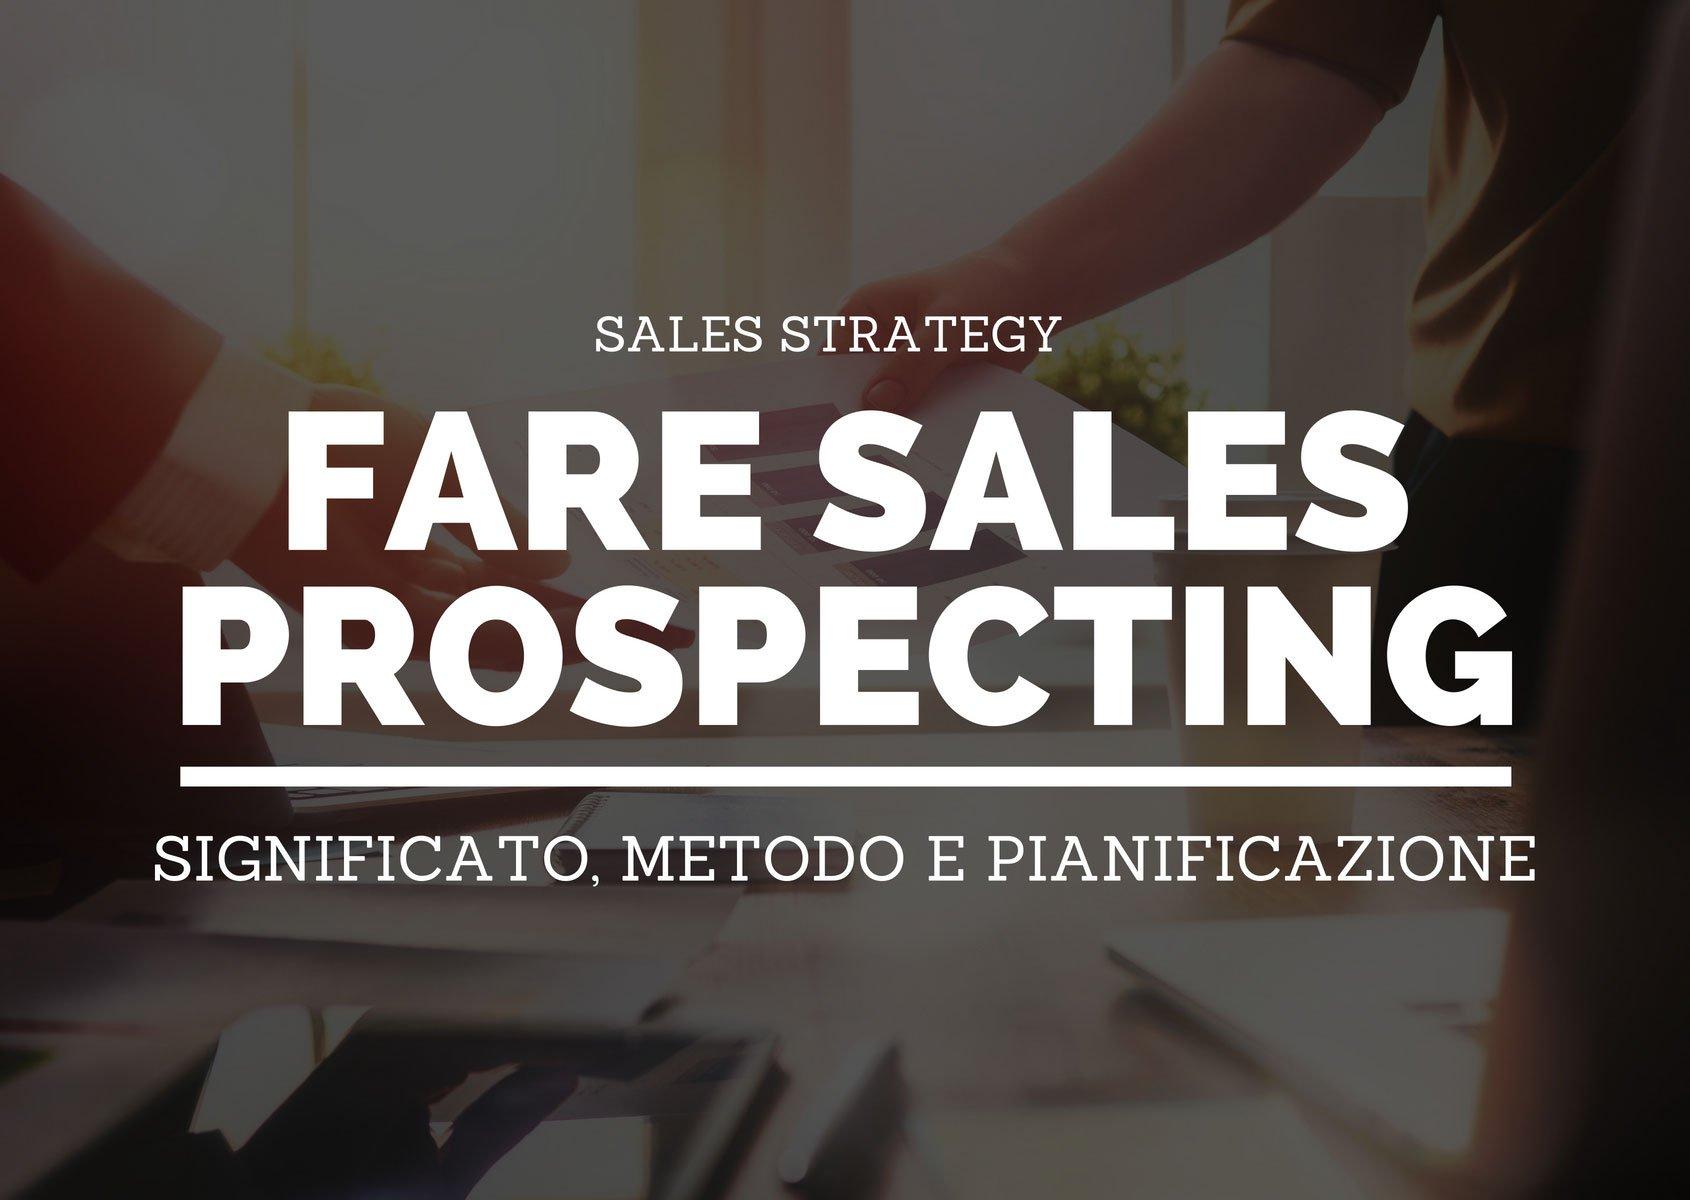 L'arte di fare (inbound) sales prospecting